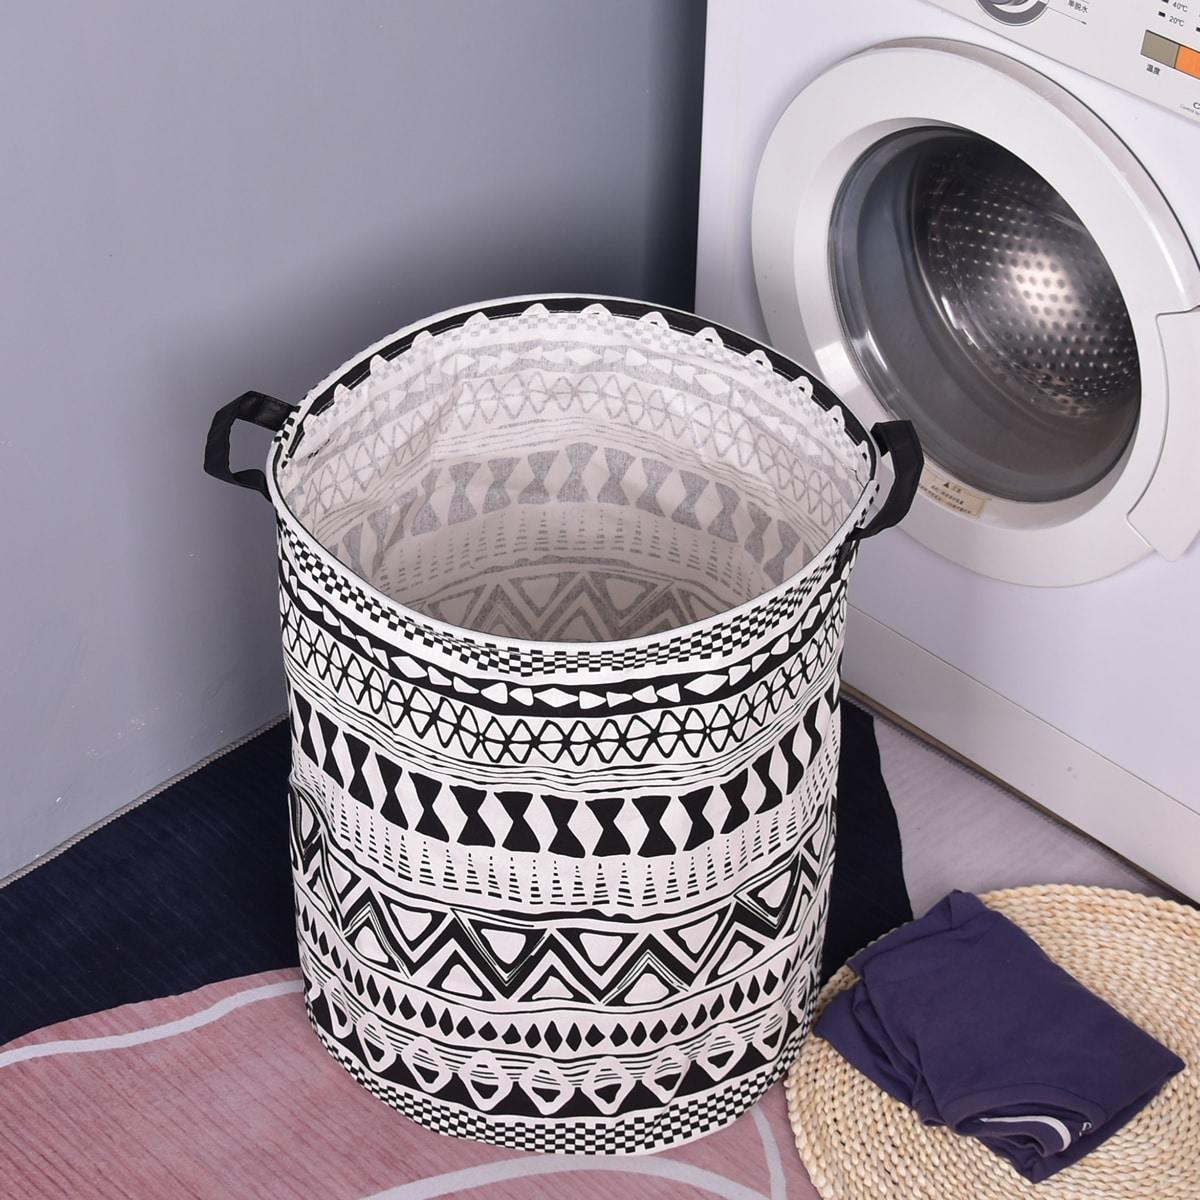 1шт складная стиральная корзина для хранения